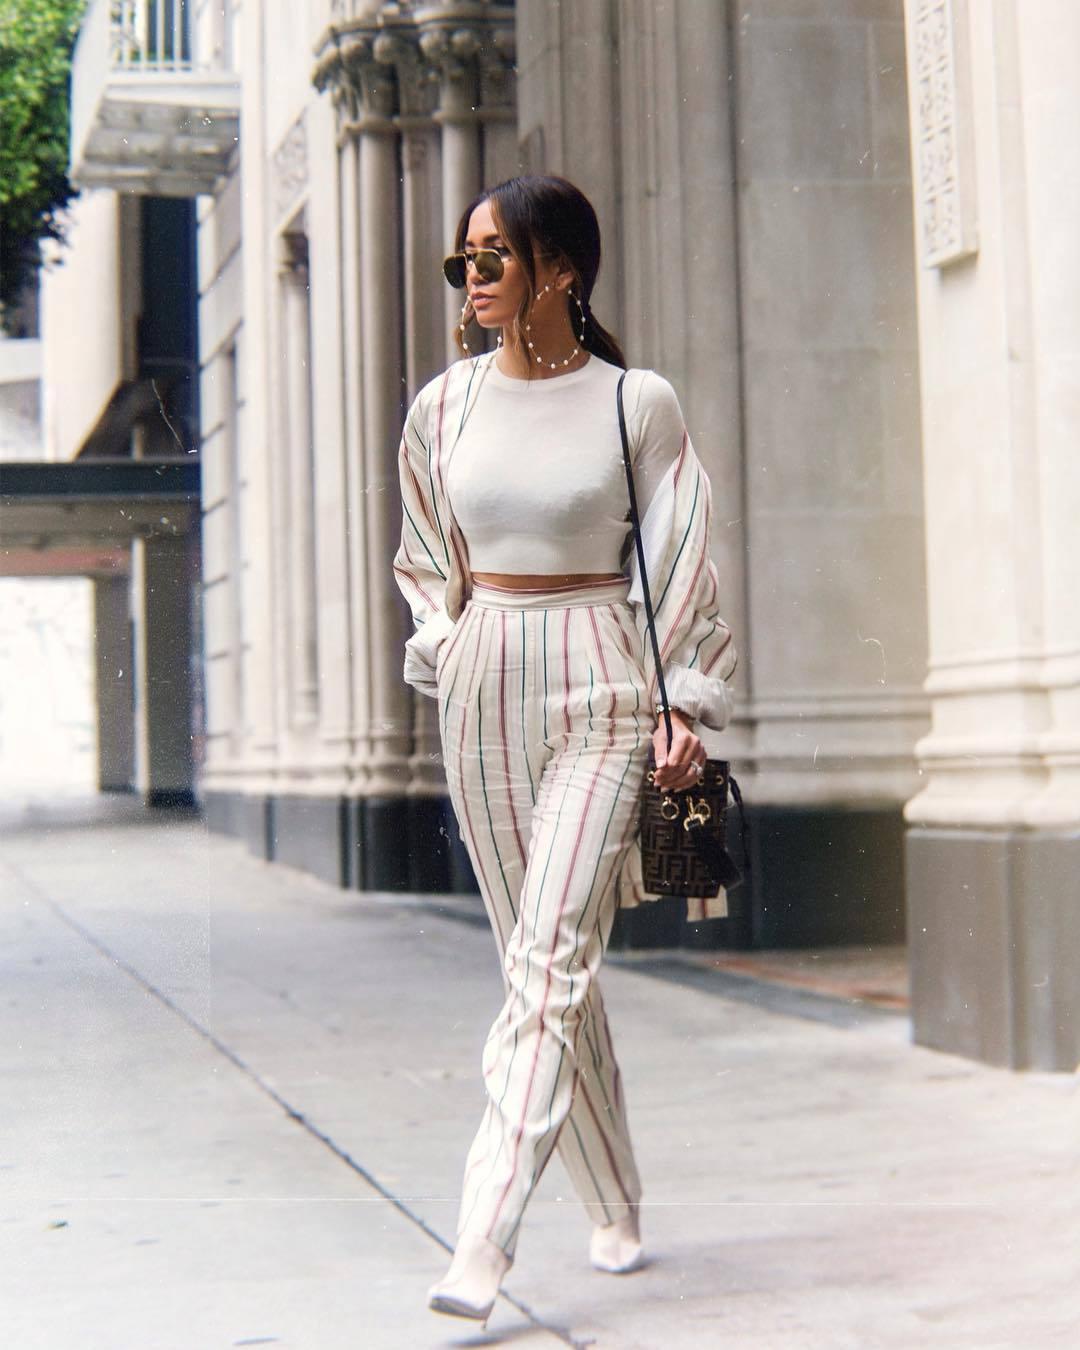 pants striped pants high waisted pants h&m stripes blazer white top cropped fendi brown bag white boots